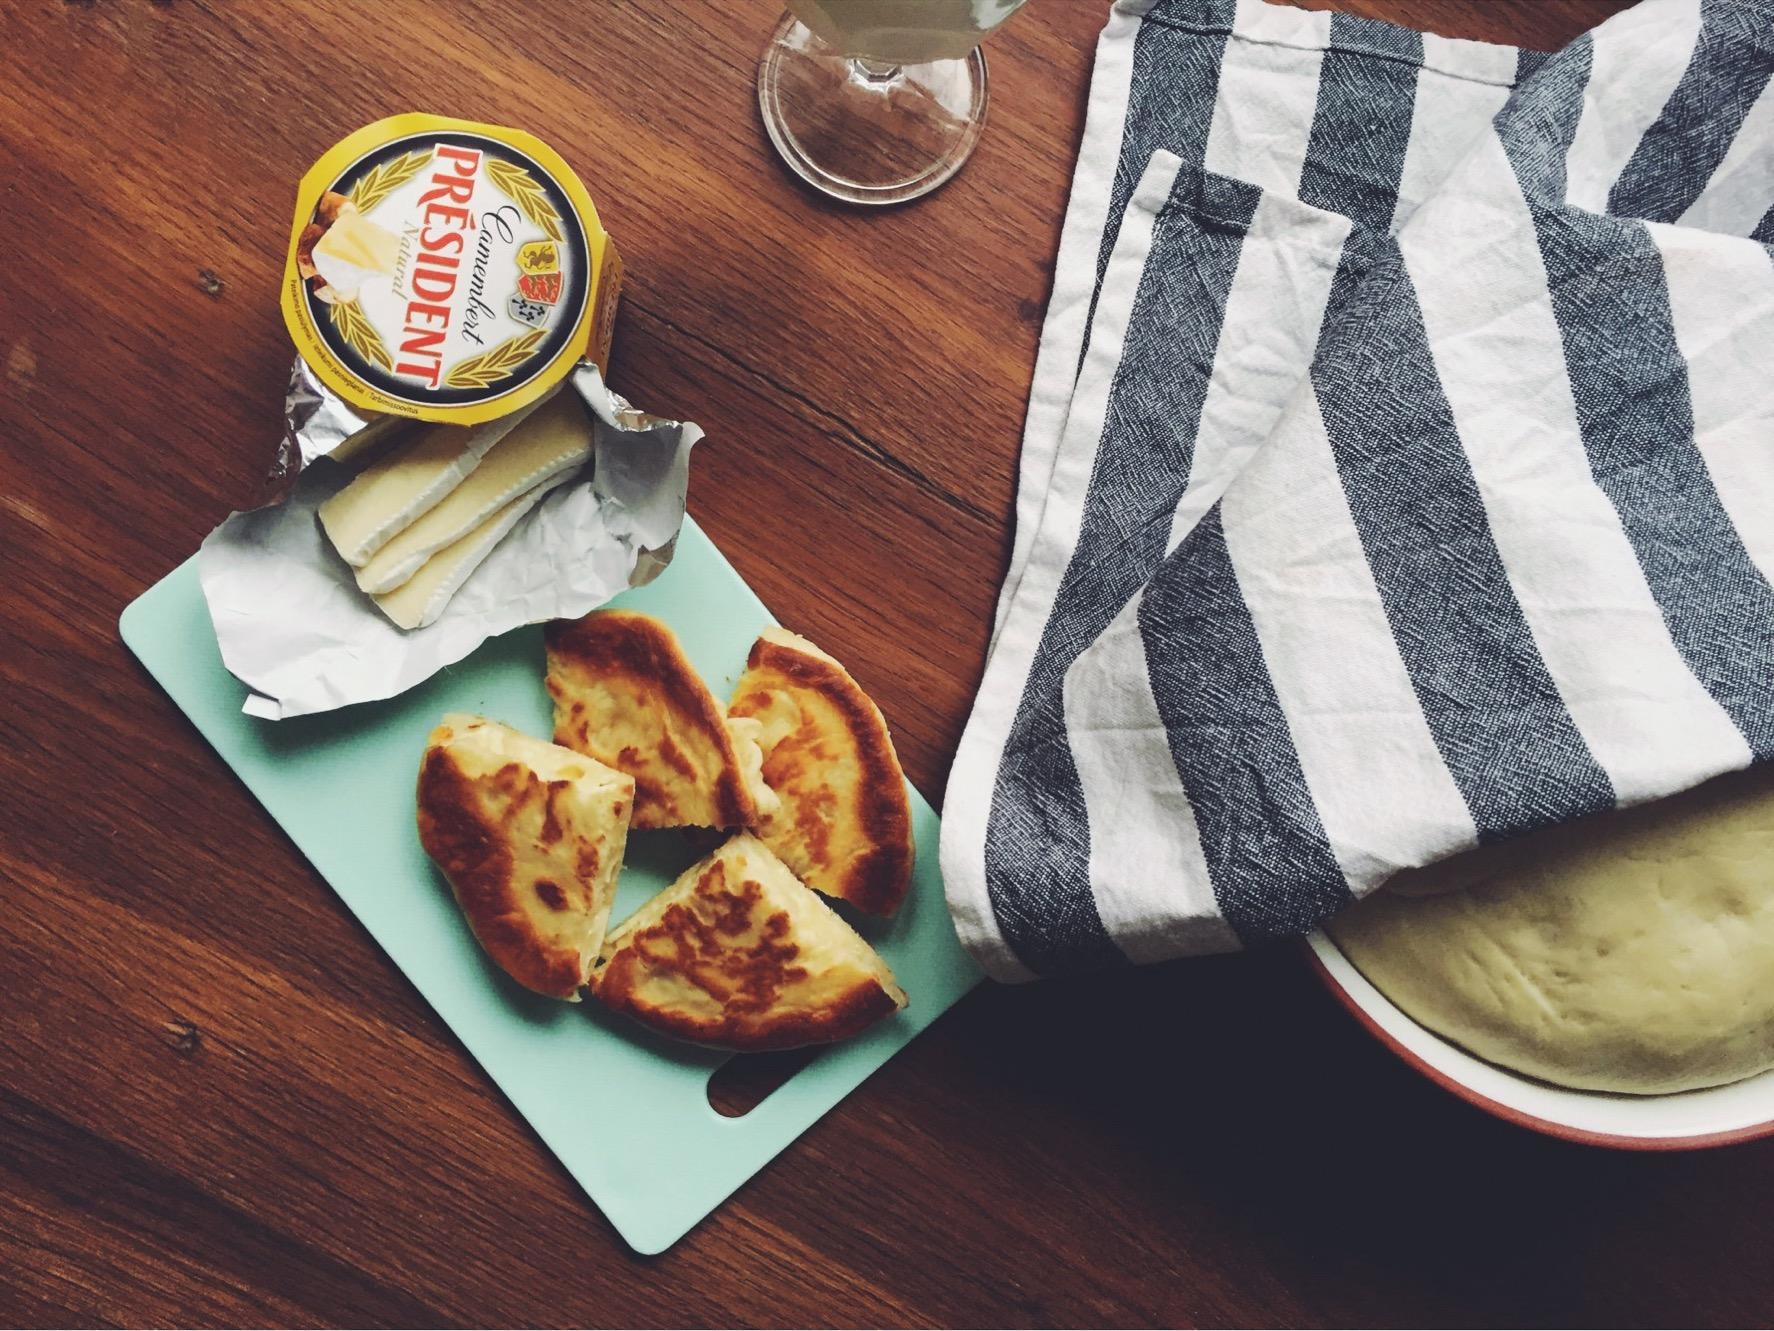 itāļu fokāčas maize manā gaumē - šī ir patiešām forša brīvdienu brokastu, uzkodu un